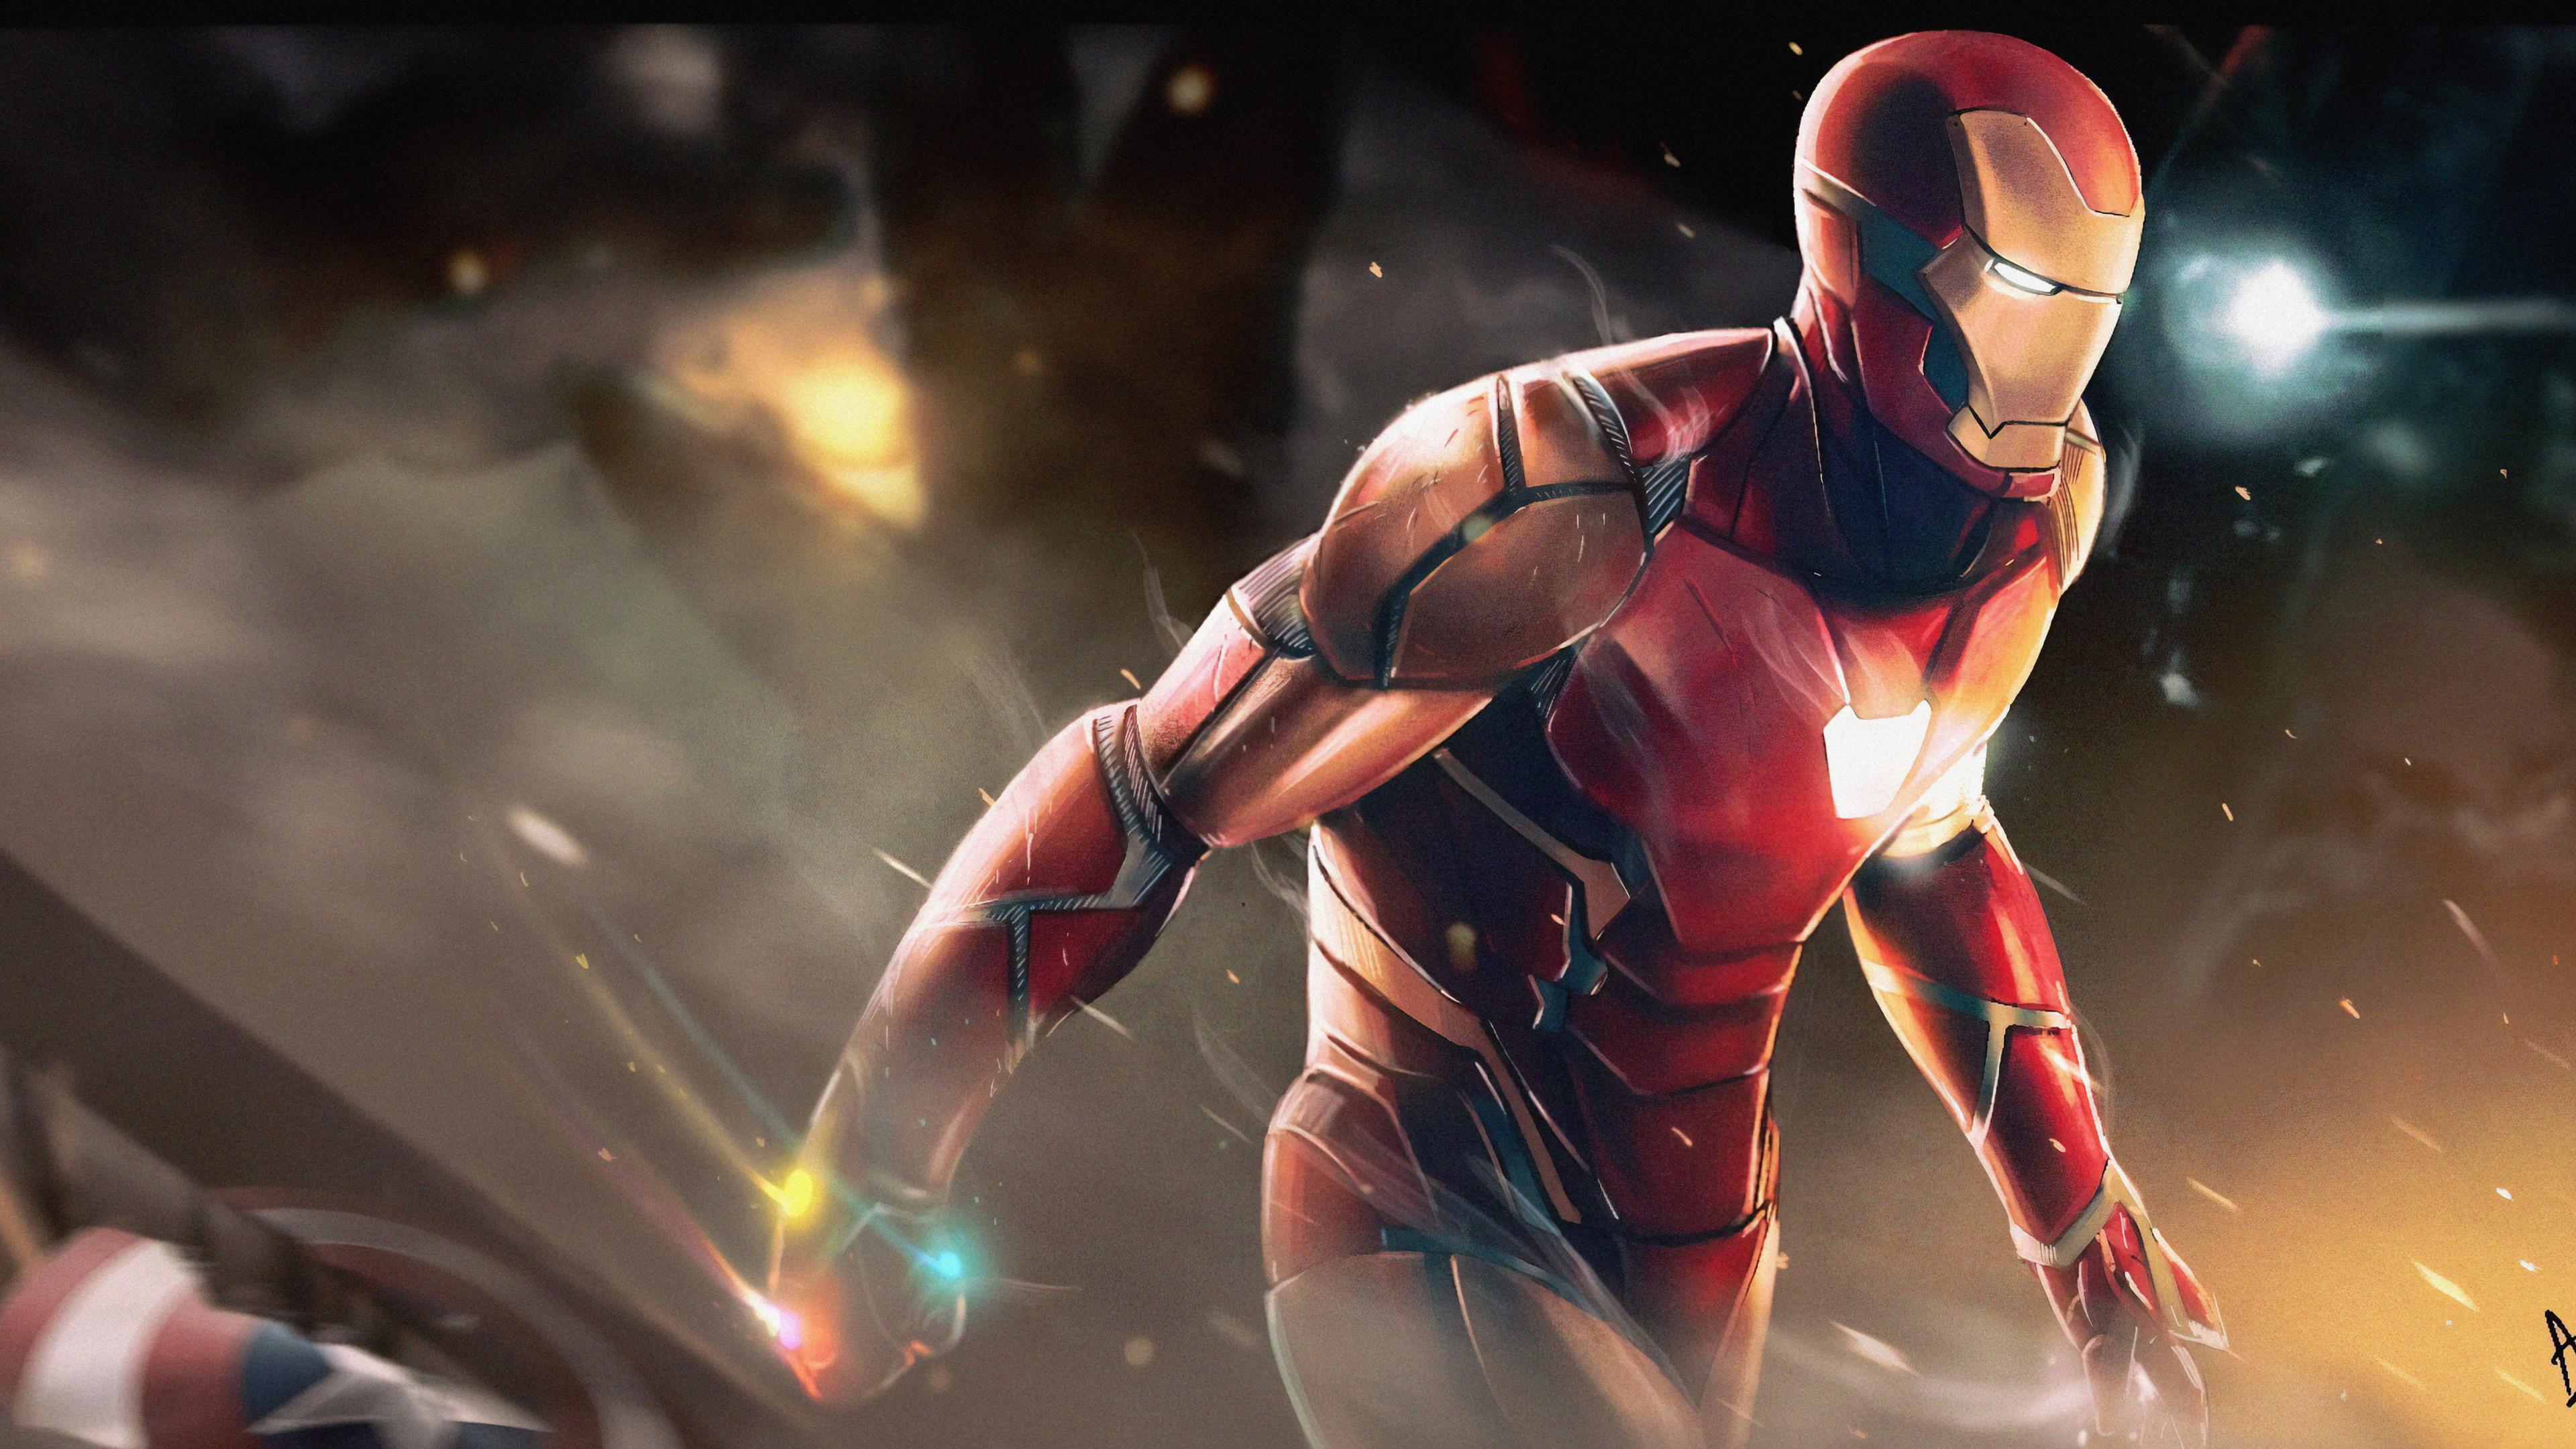 iron man sketch art 1563220376 - Iron Man Sketch Art - superheroes wallpapers, iron man wallpapers, hd-wallpapers, digital art wallpapers, artwork wallpapers, 4k-wallpapers